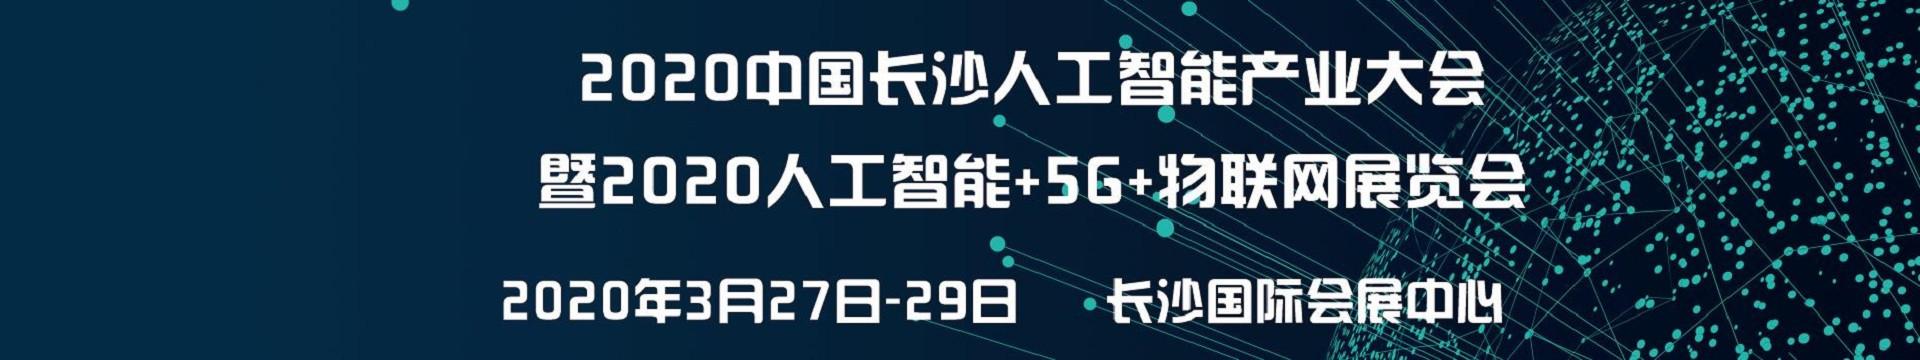 2020中国(长沙)人工智能产业大会暨2020人工智能+5G+物联网展览会